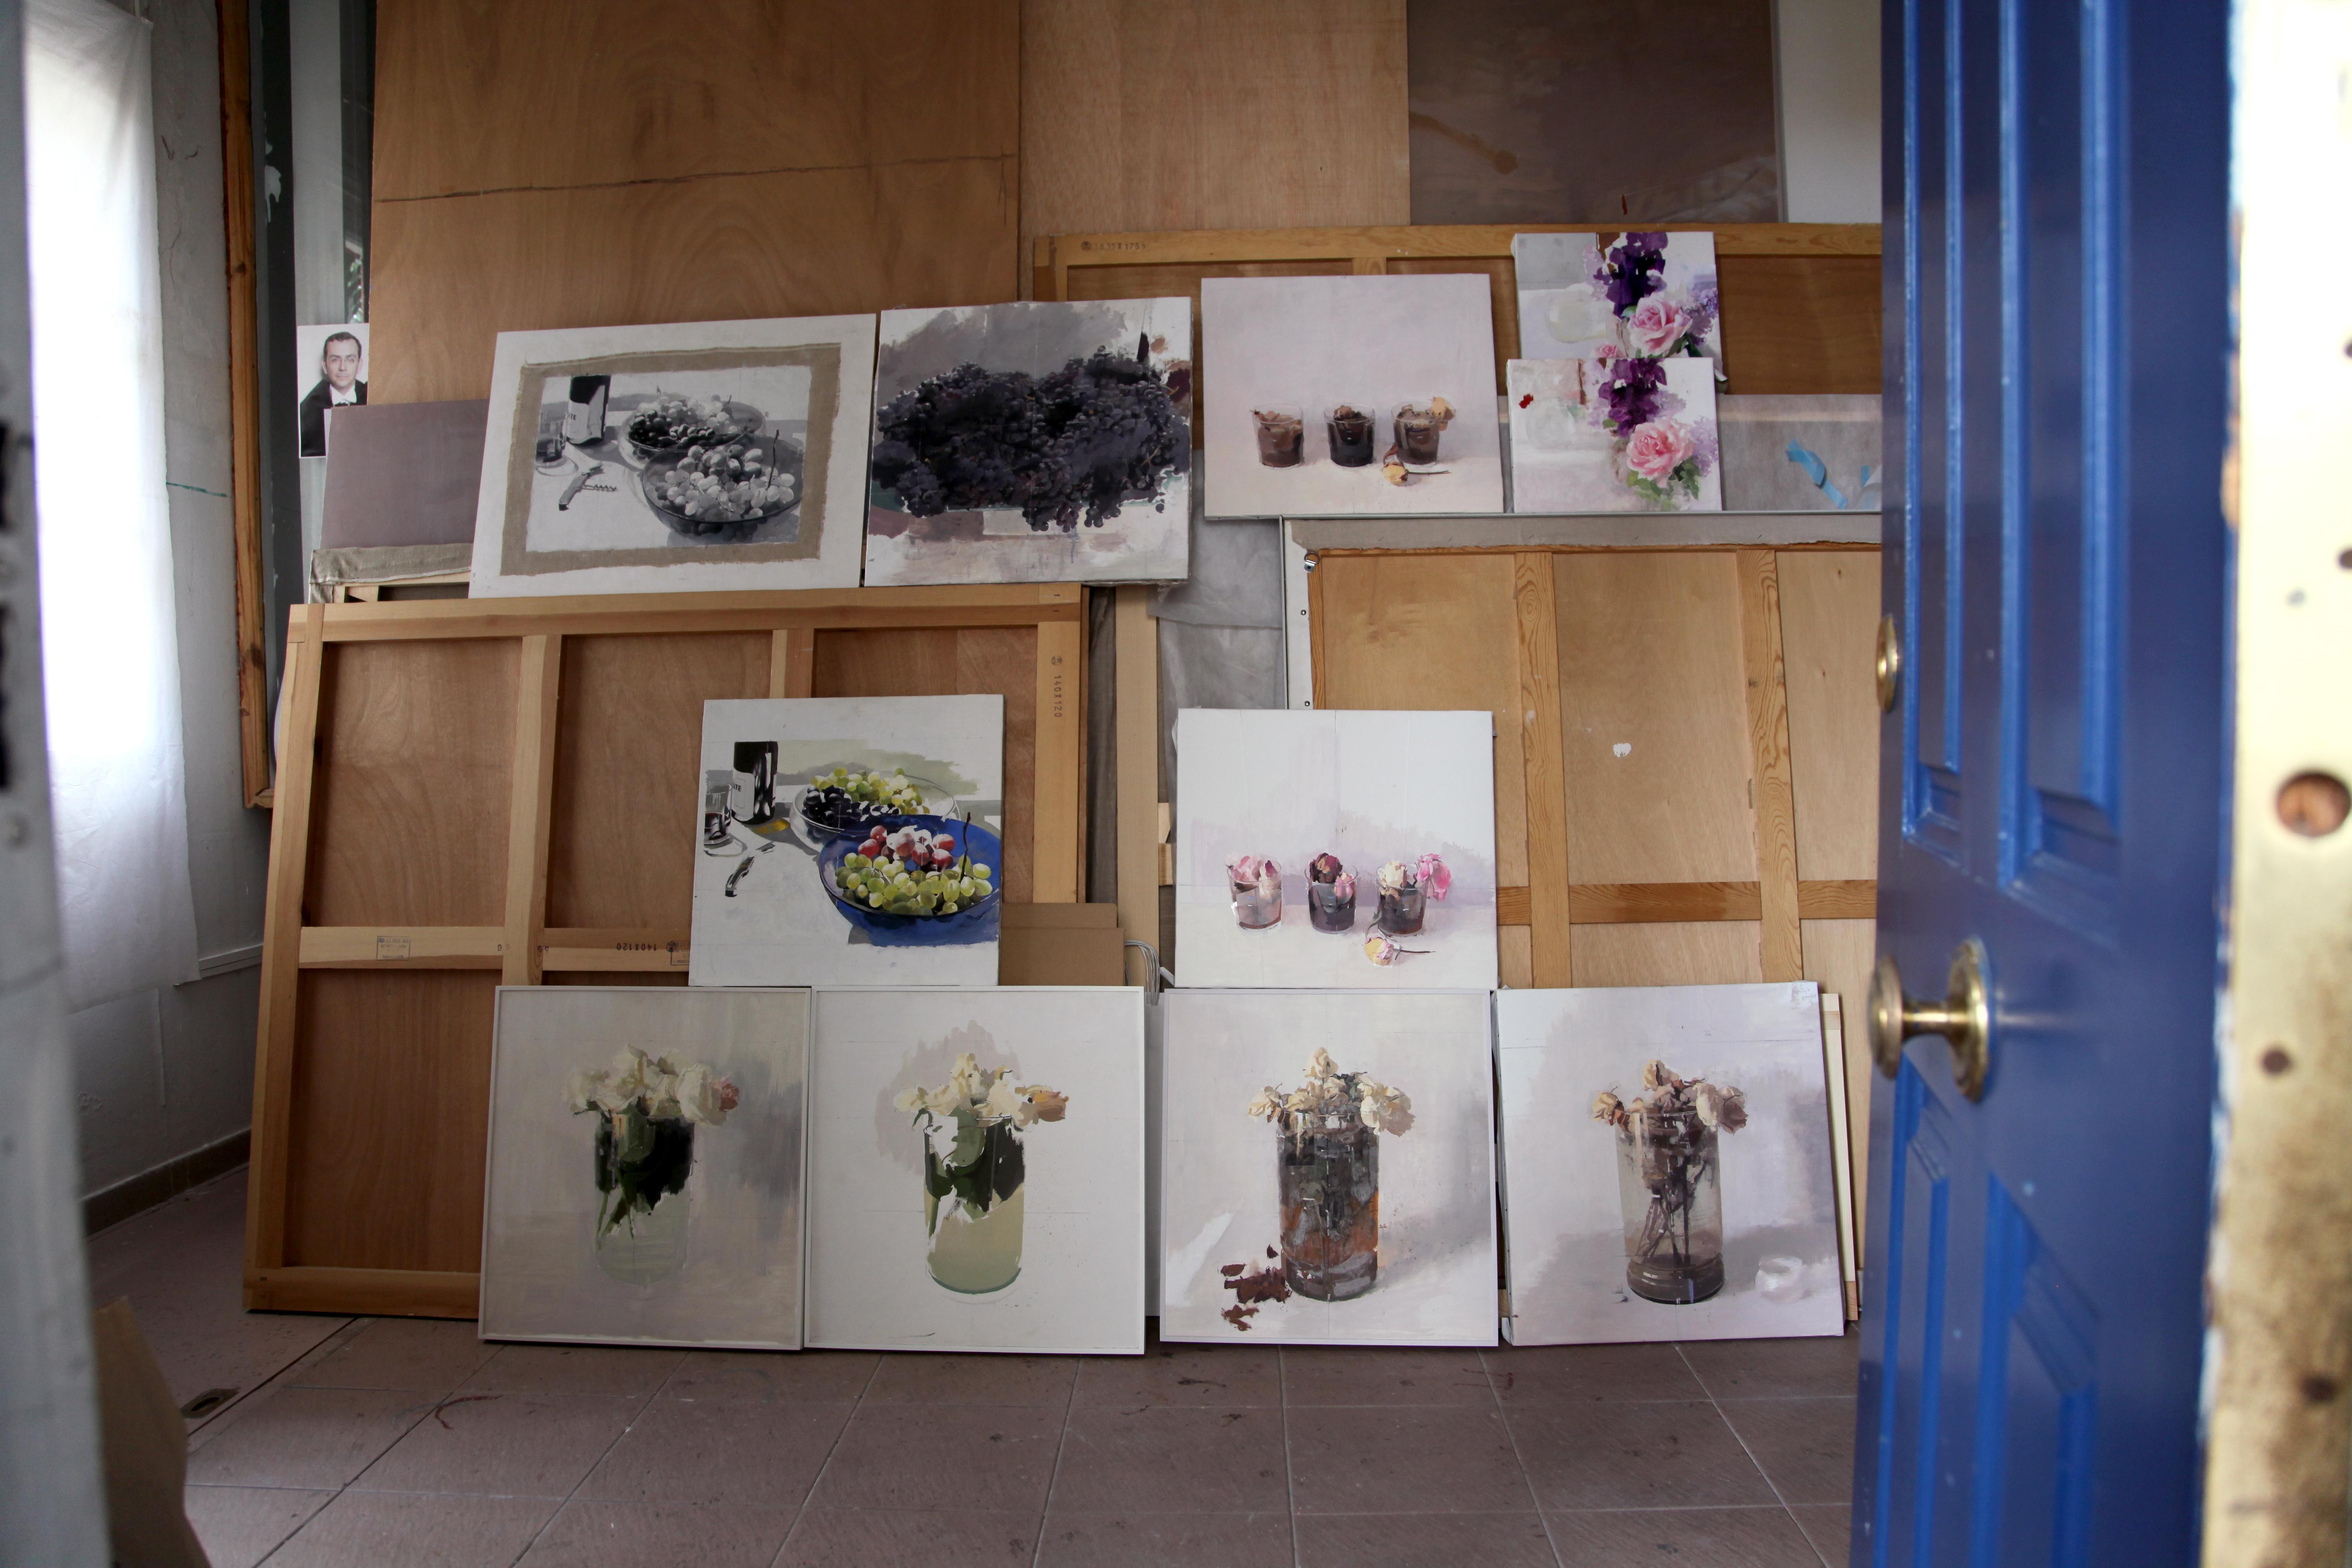 Pinturas recientes